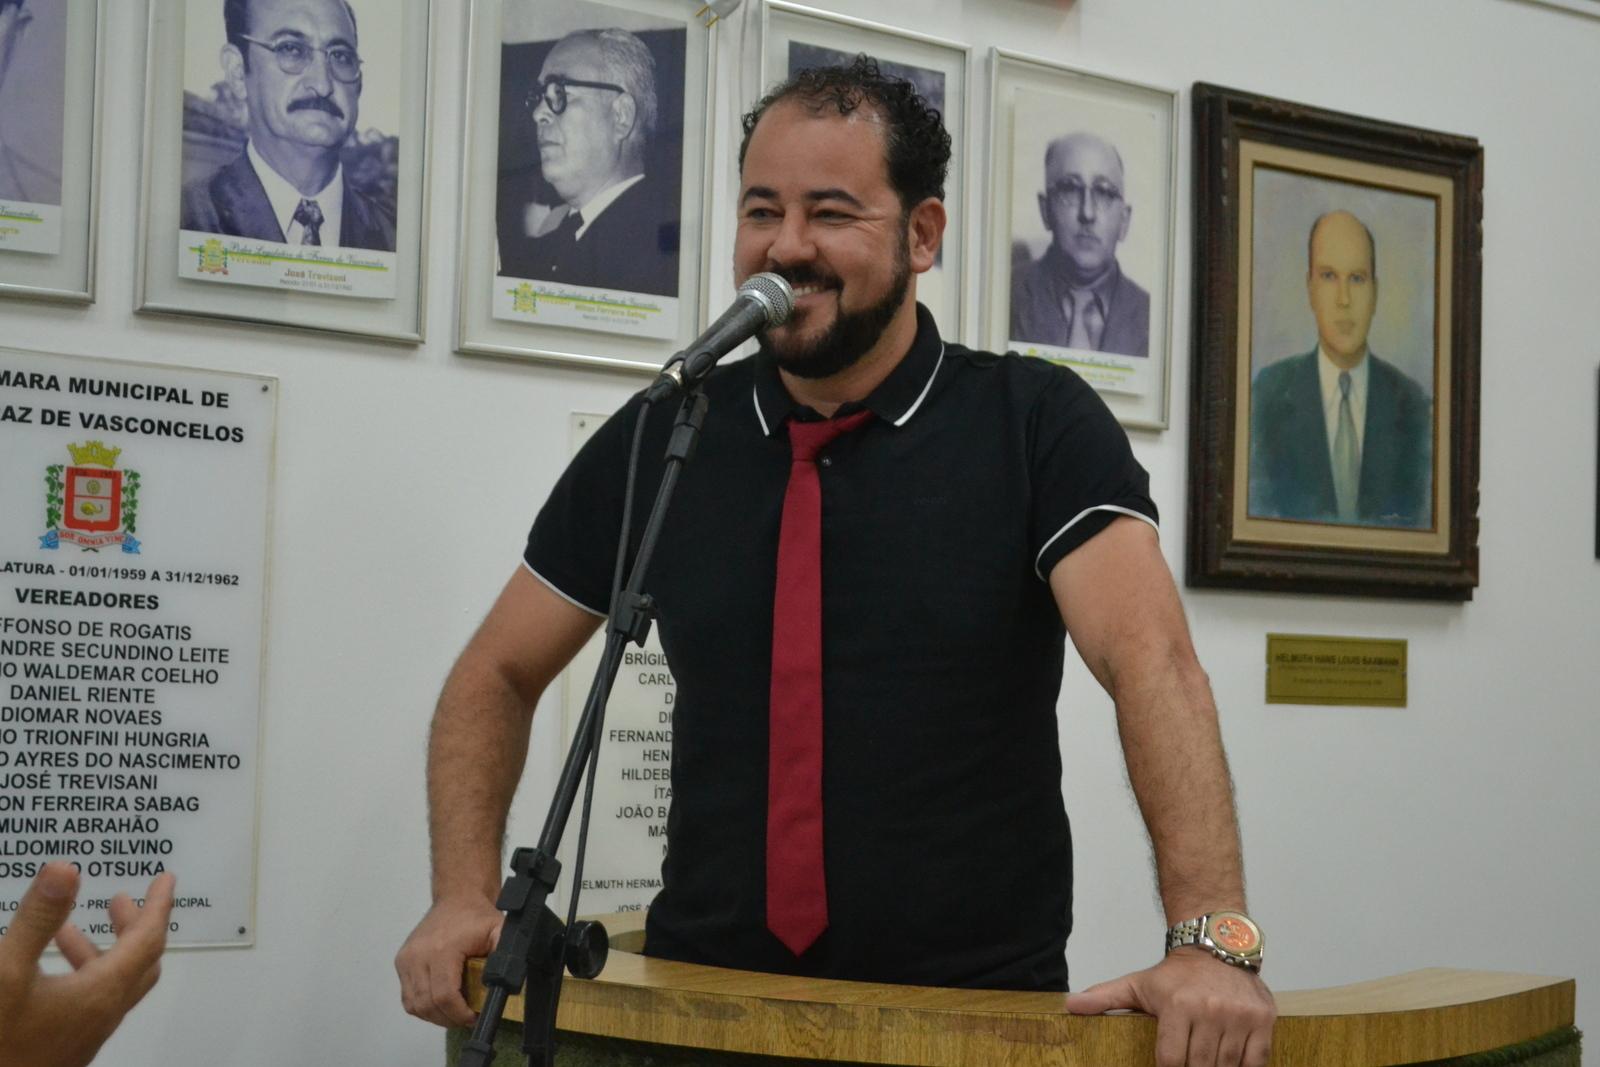 Presidente Nicolas devolve quase R$1,5 milhão de economia para a Prefeitura Municipal